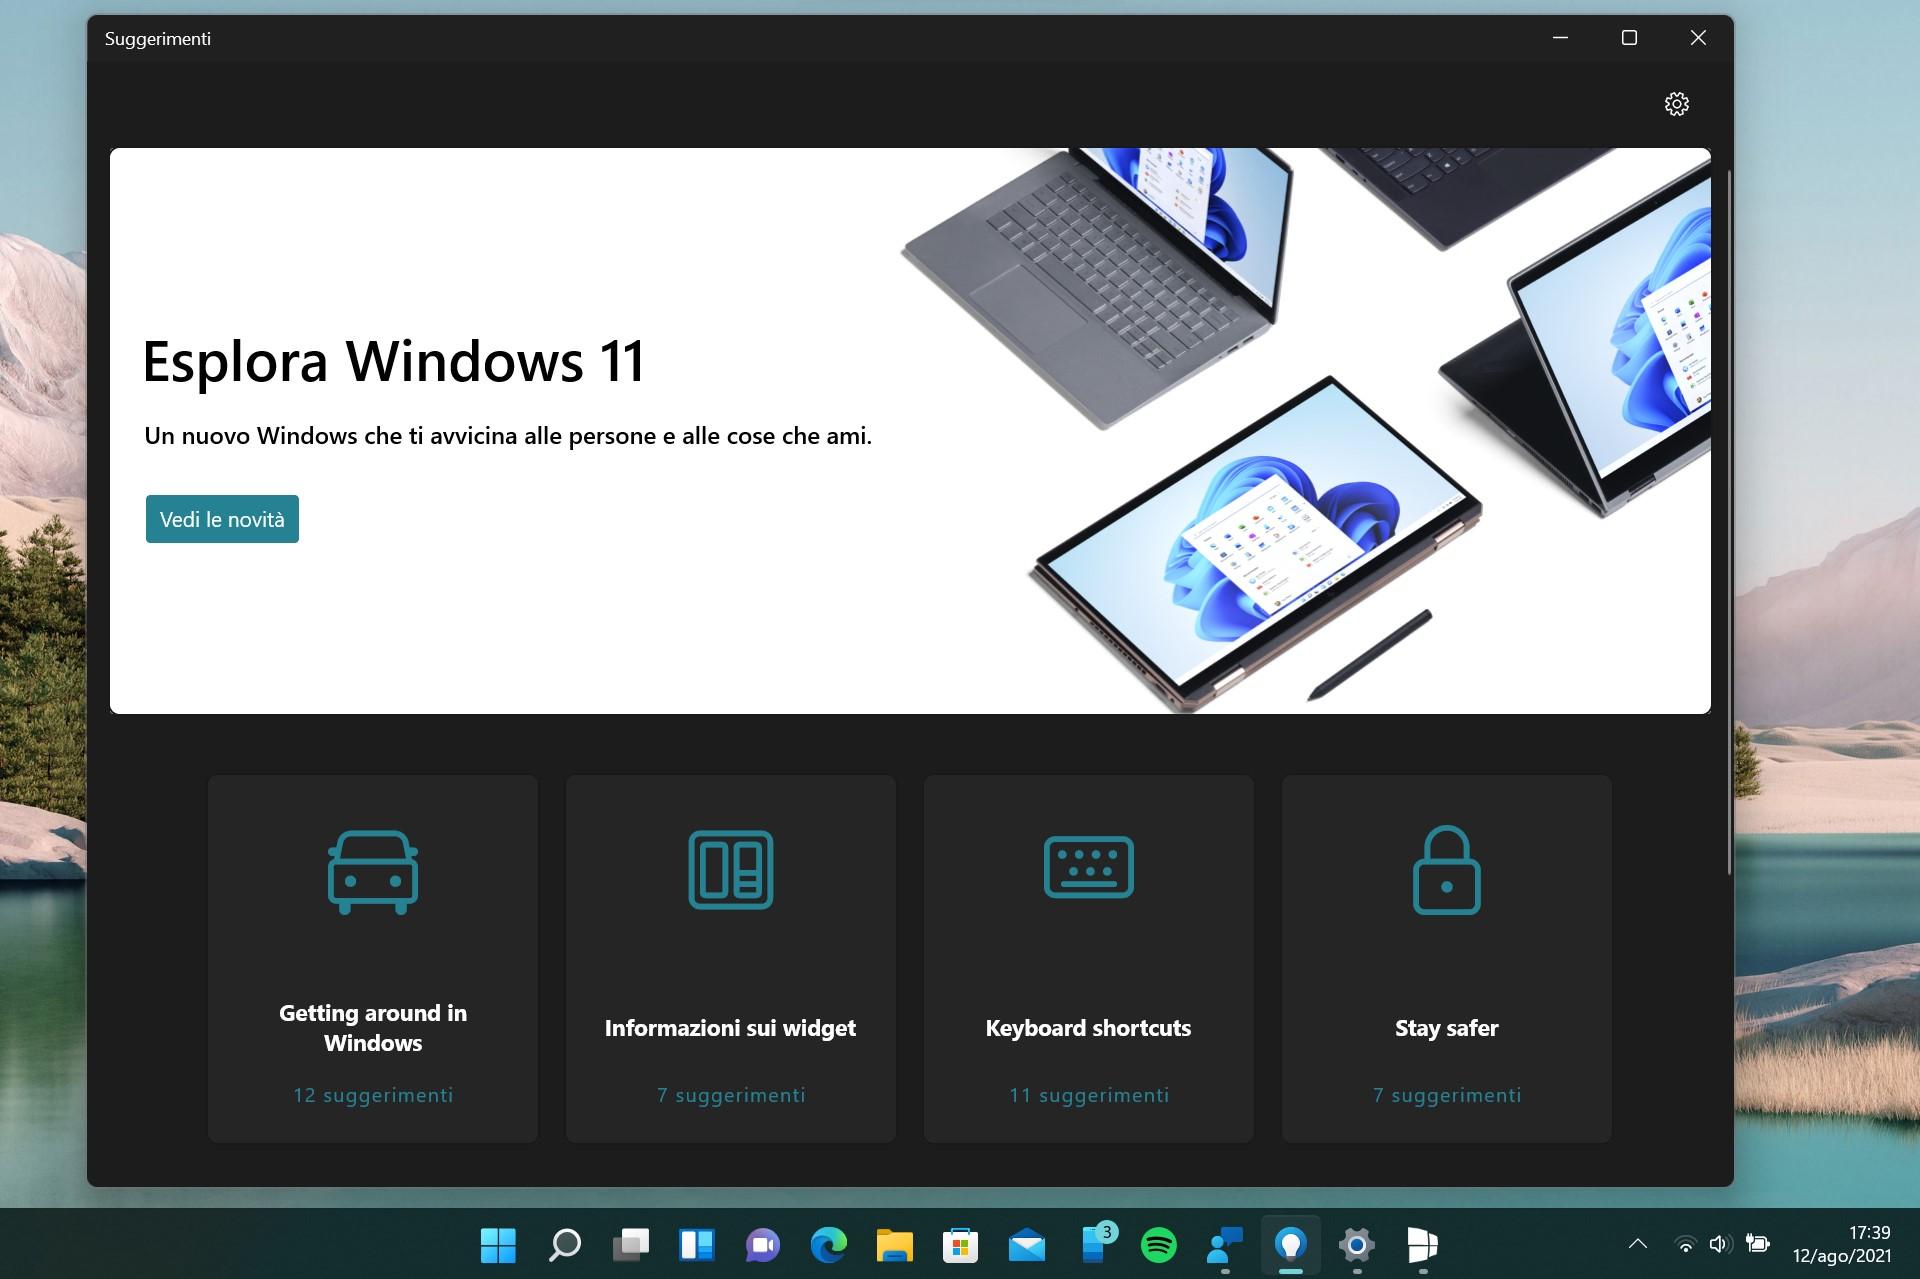 App Suggerimenti in Windows 11